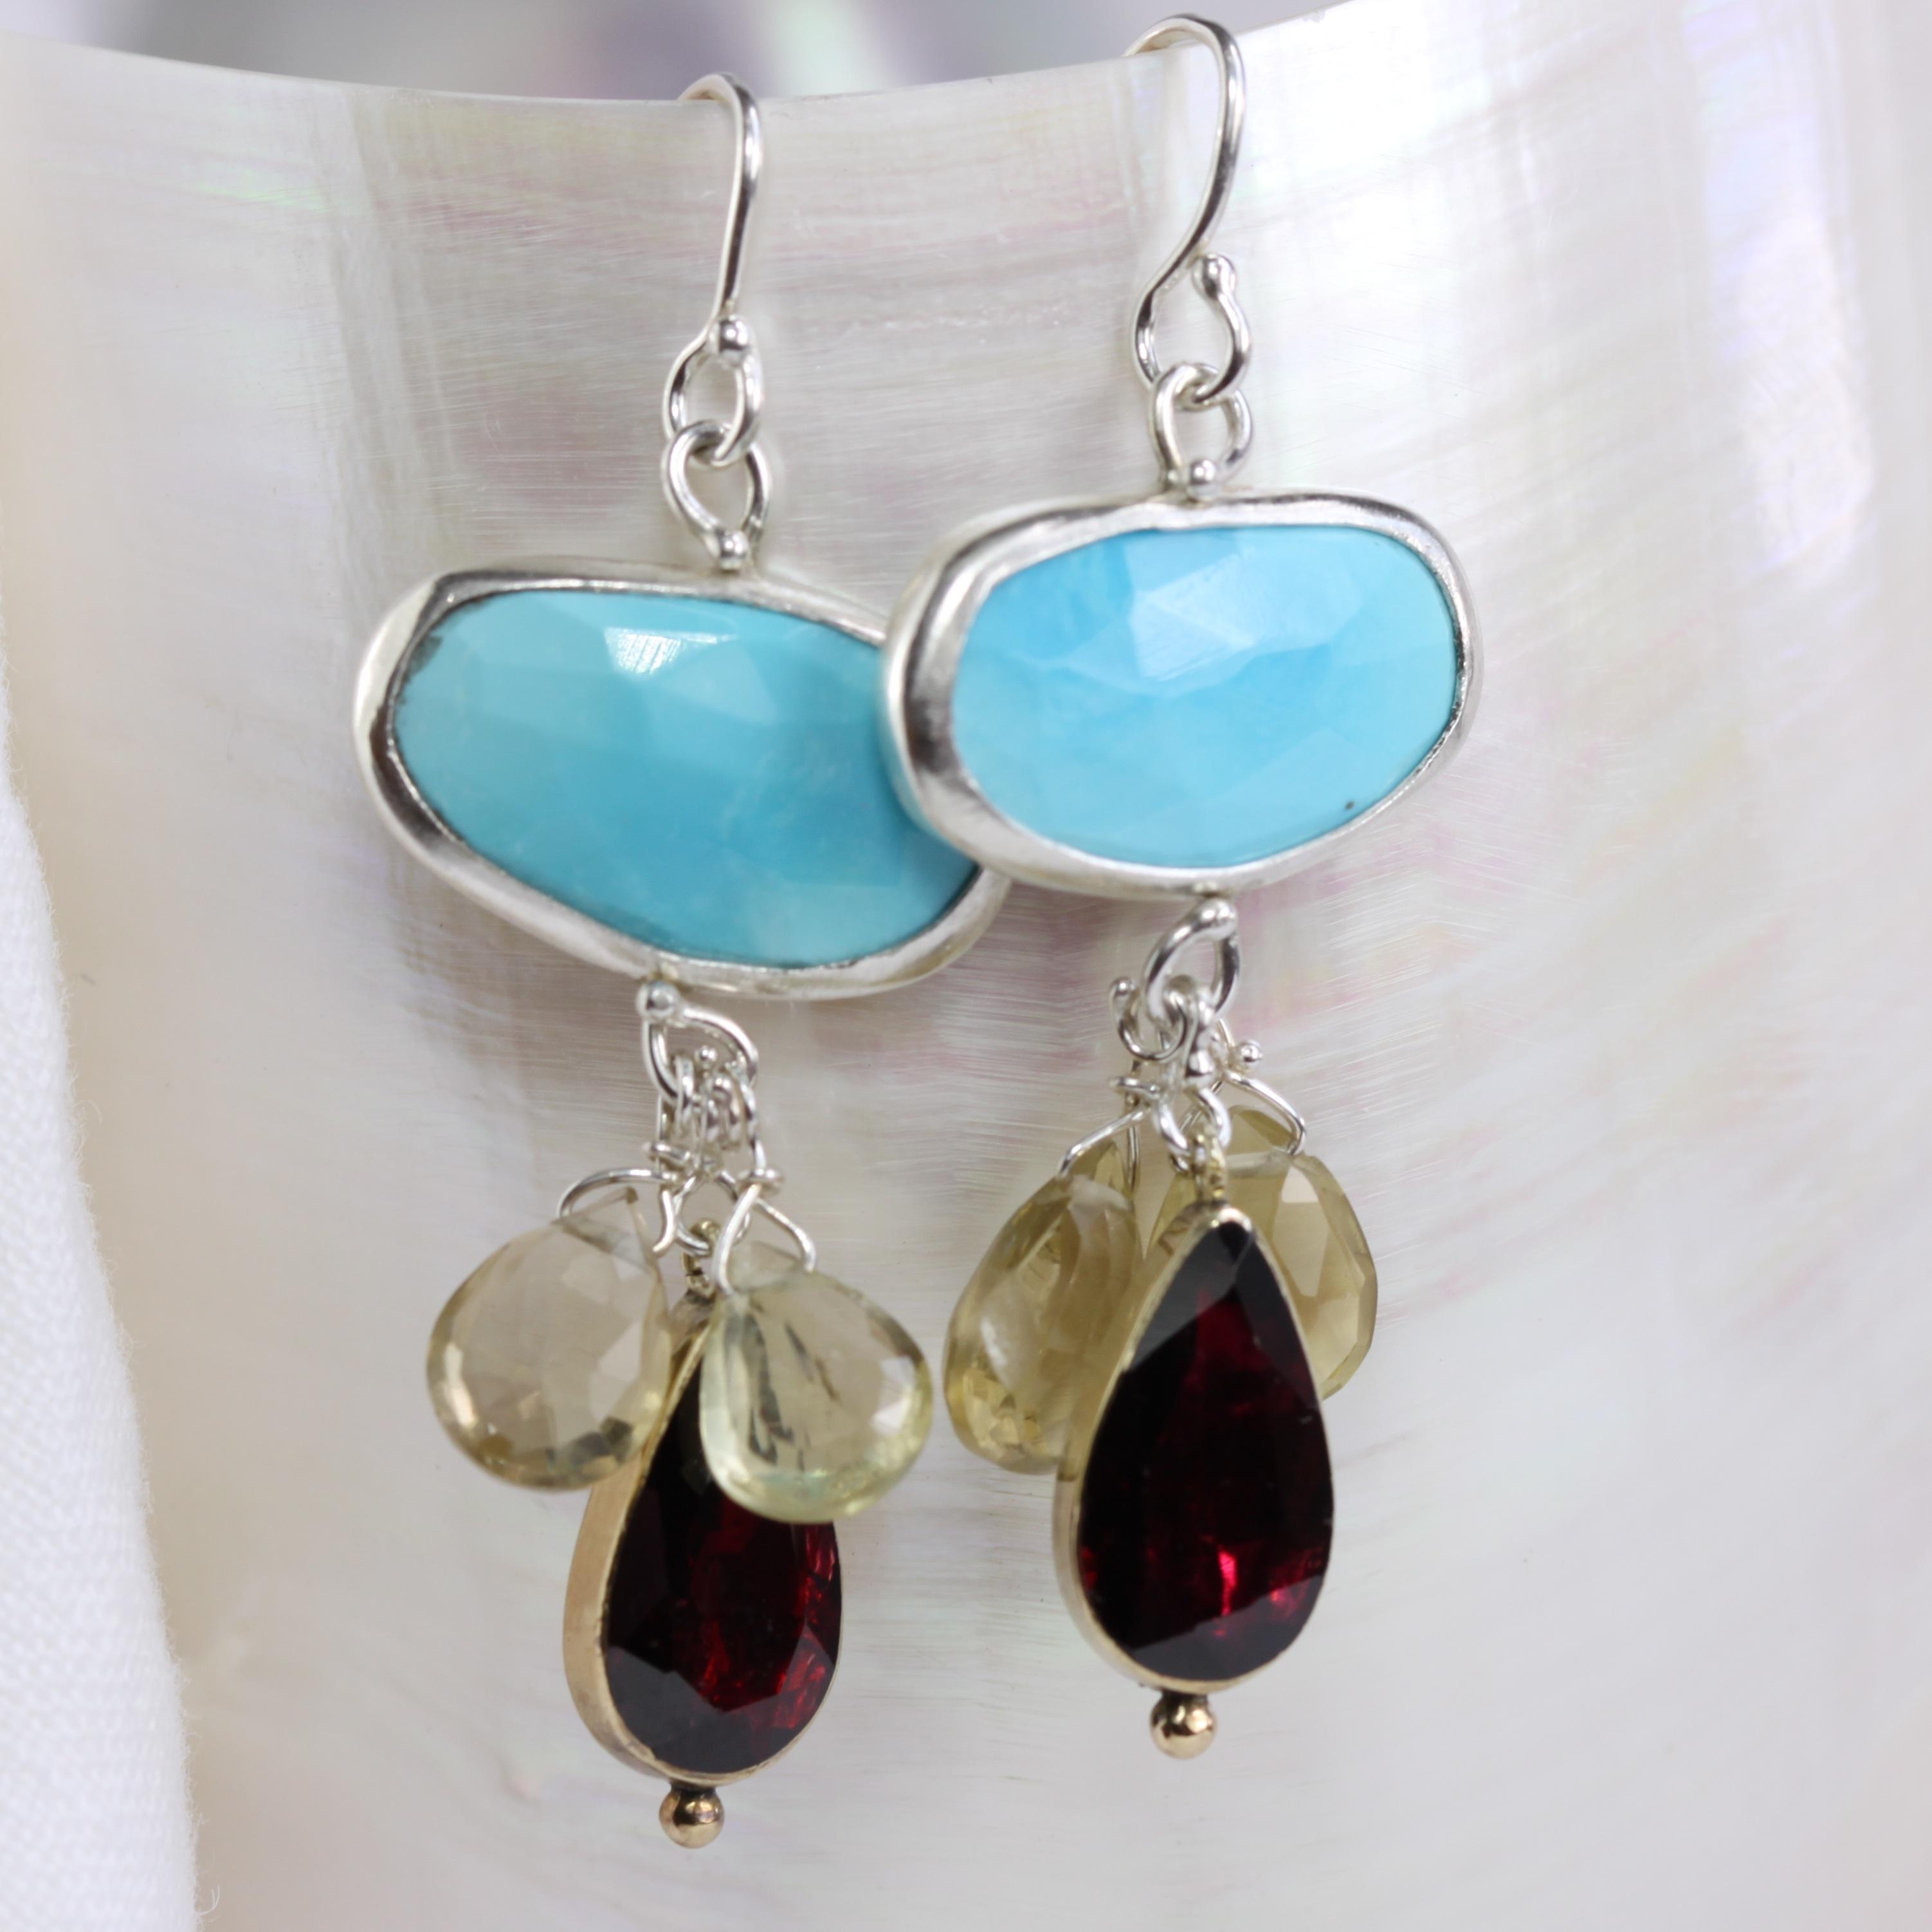 Reworked Garnet Earrings With Turquoise & Lemon Quartz